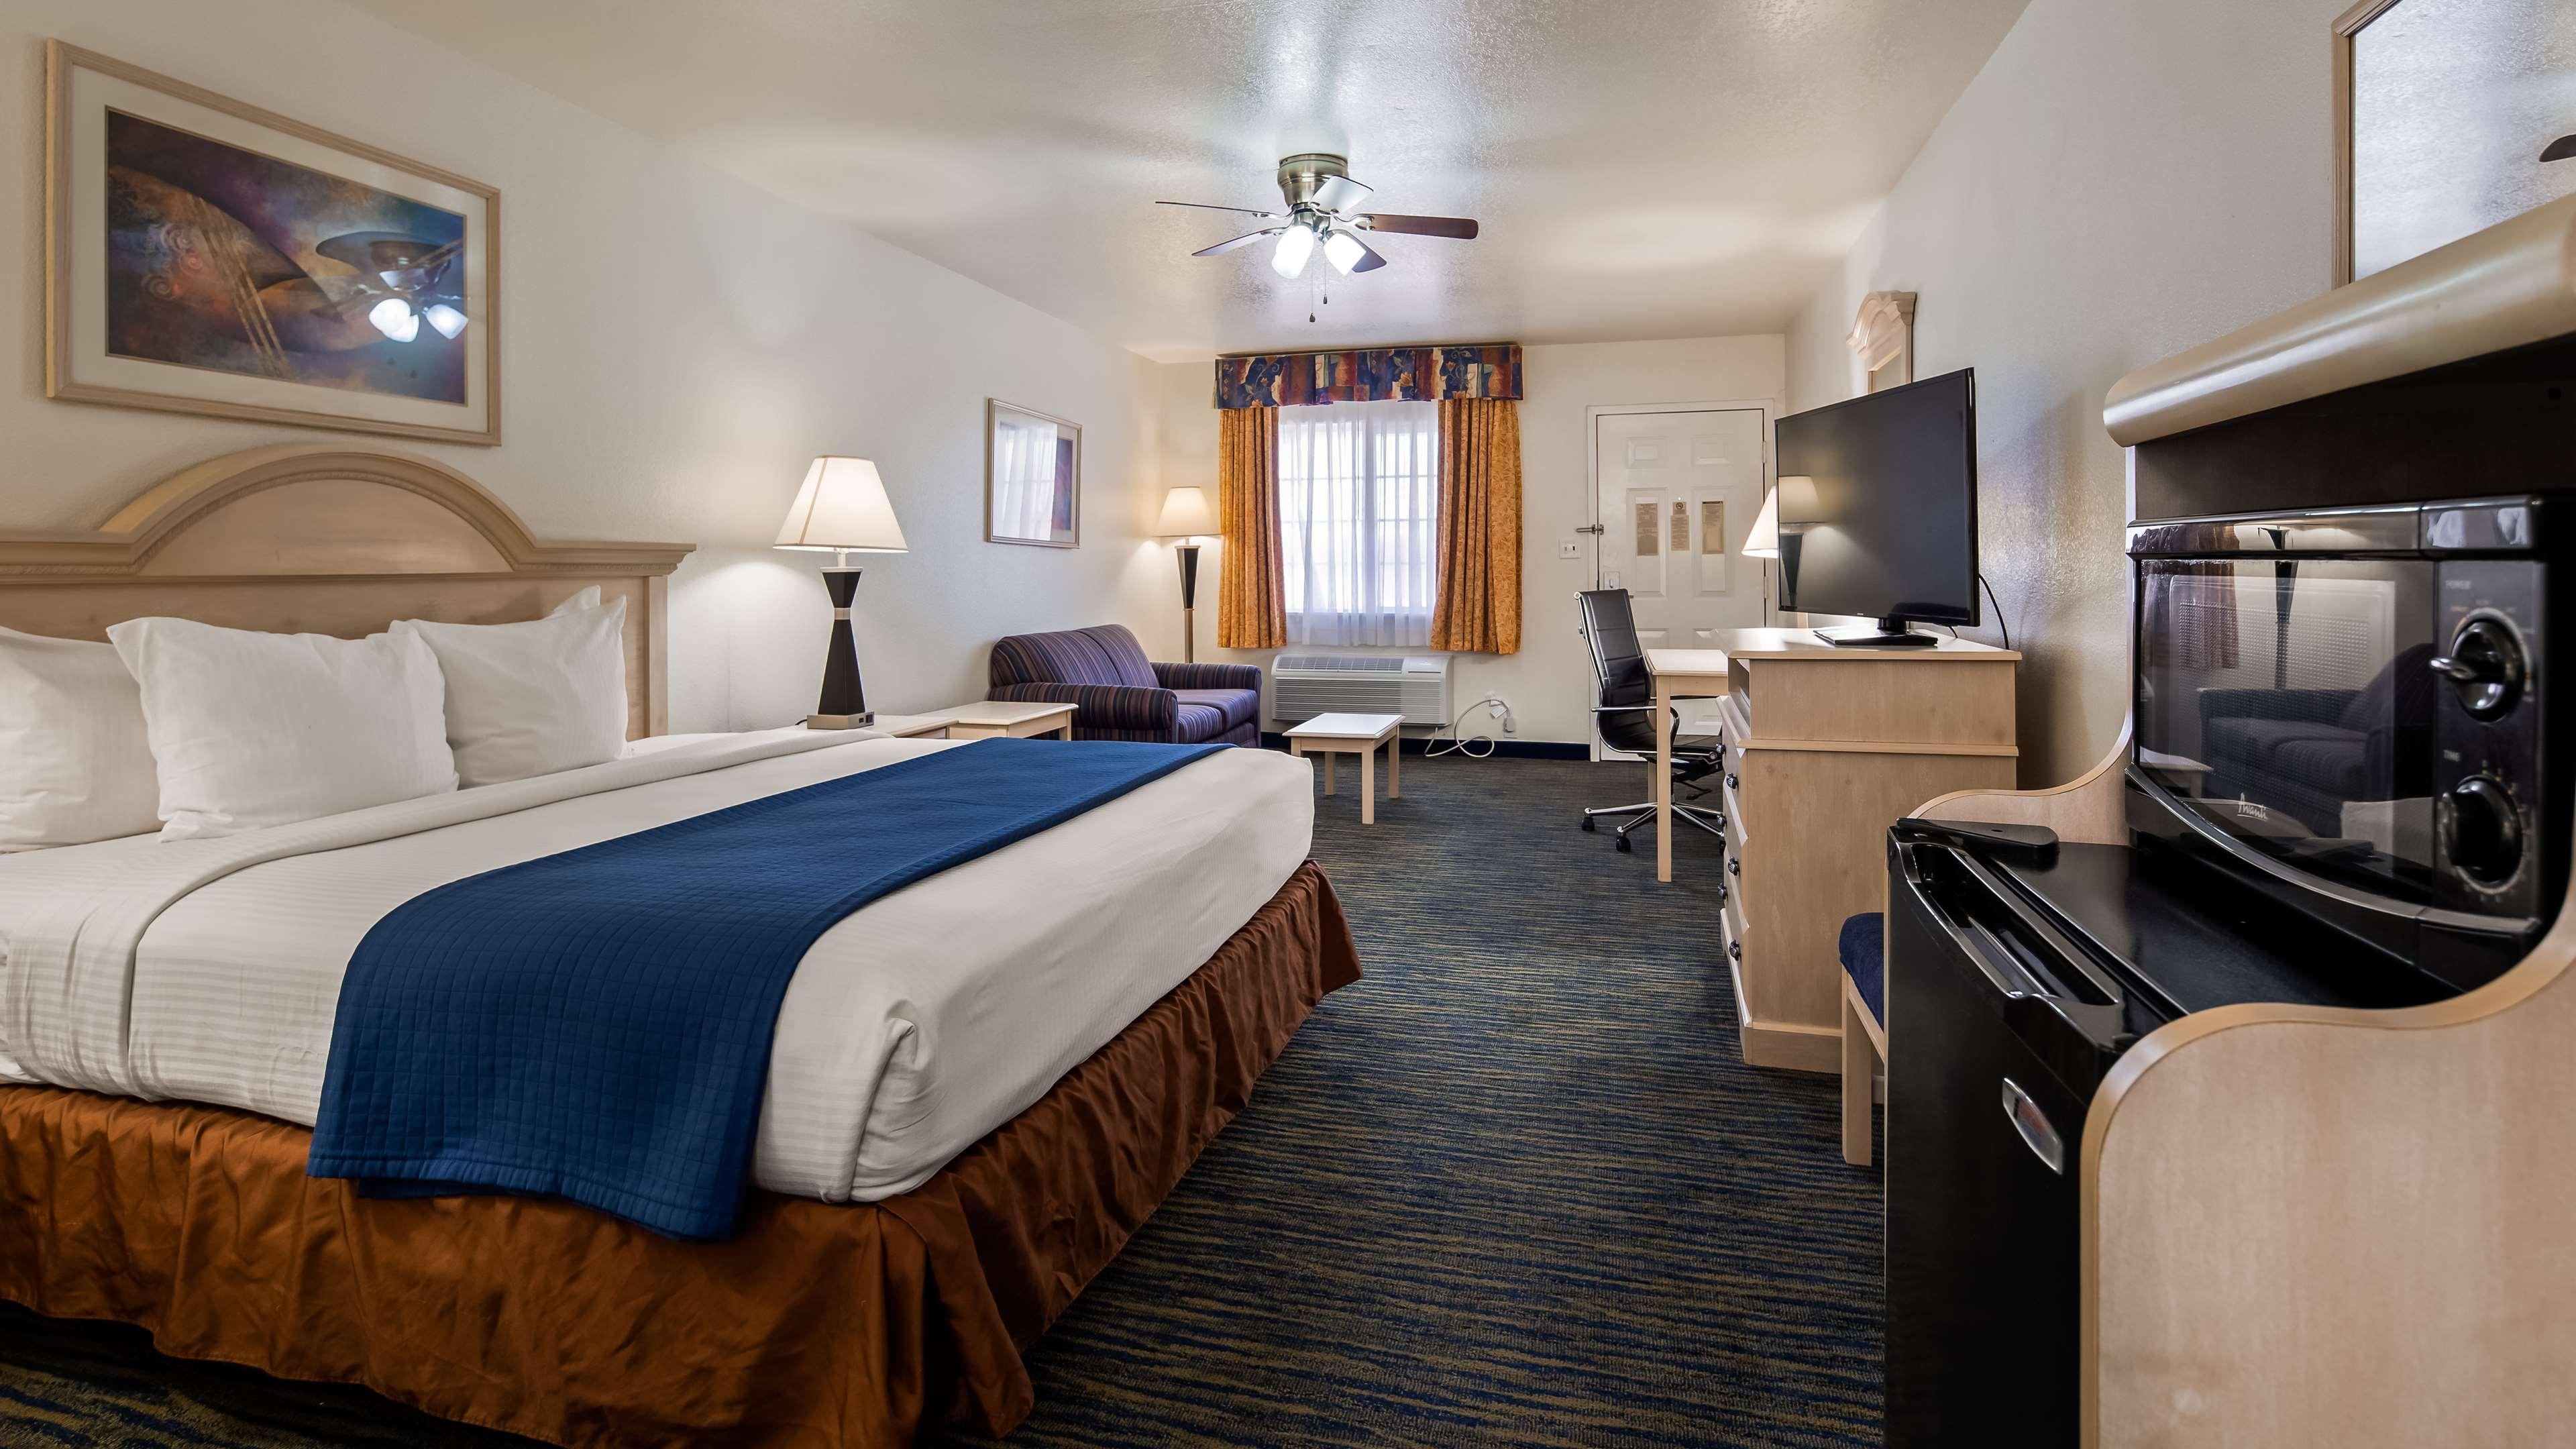 SureStay Hotel by Best Western Falfurrias image 18